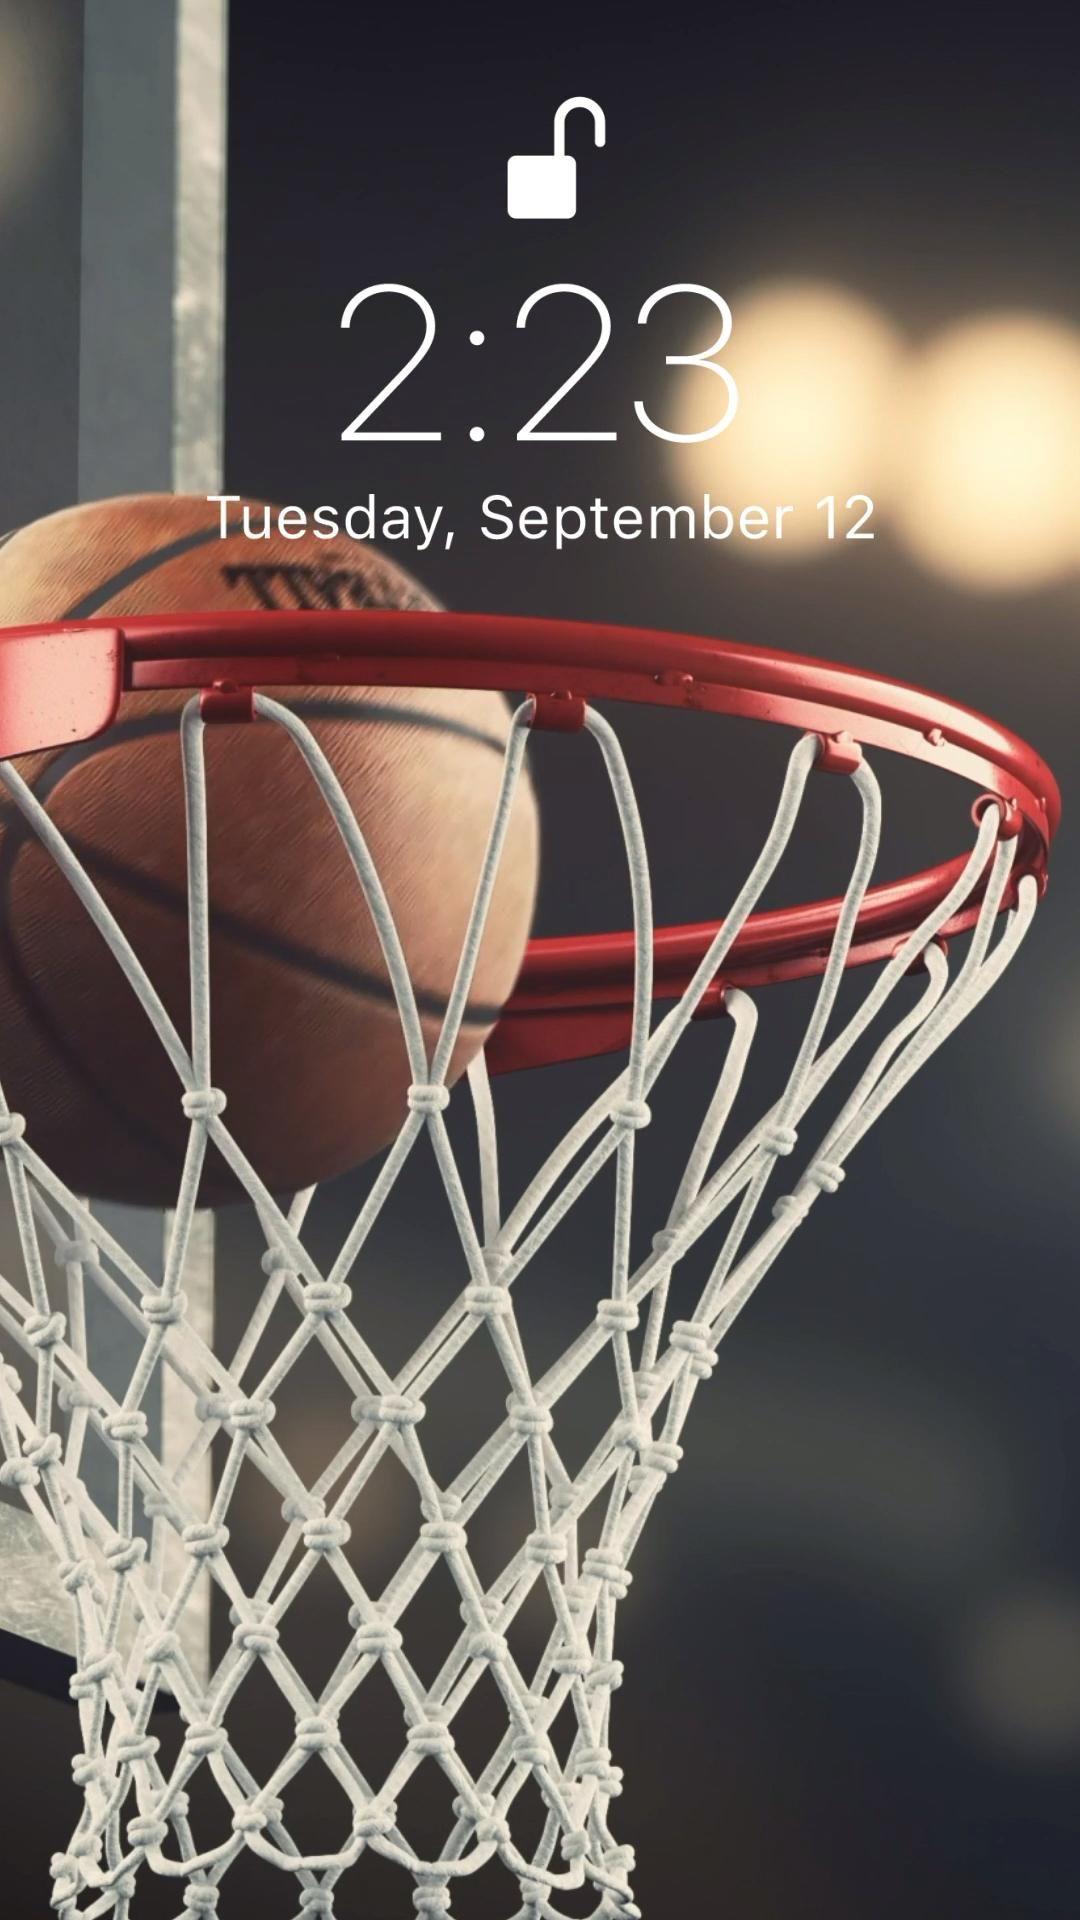 Basketball Video Iphone Wallpaper Galaxy Wallpaper Glitter Wallpaper Abstract basketball iphone wallpaper